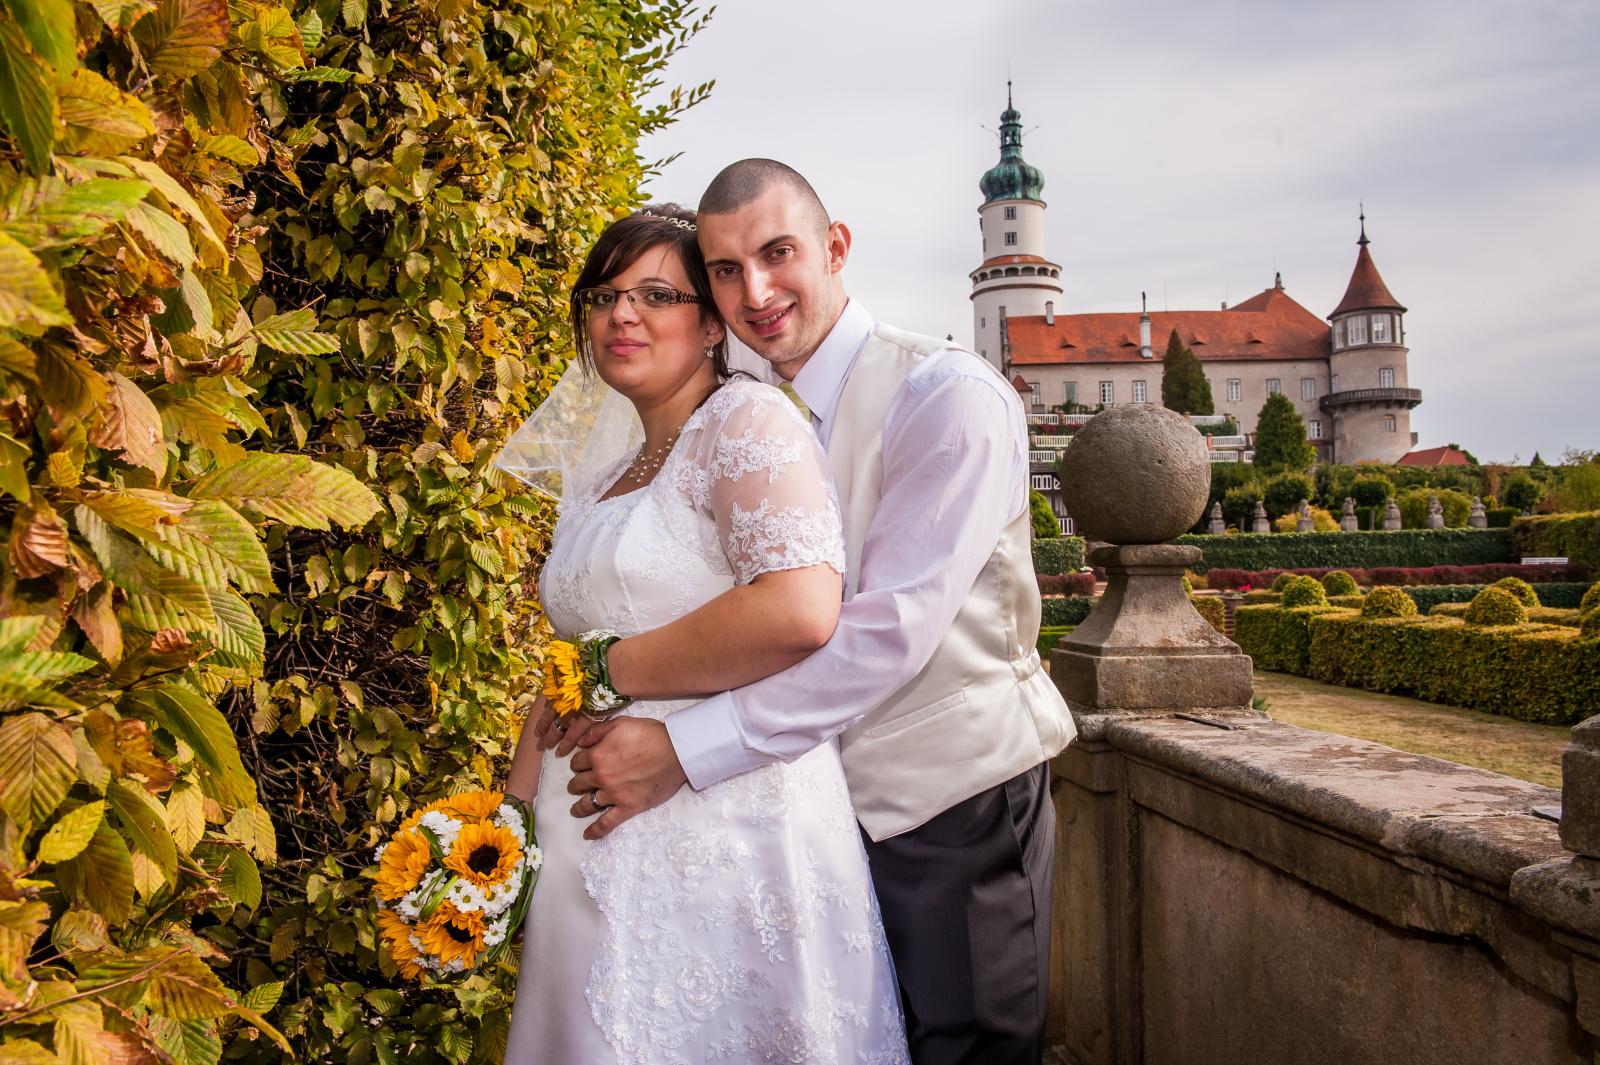 Focení svatby není jen o obřadu, aneb celý den se počítá!